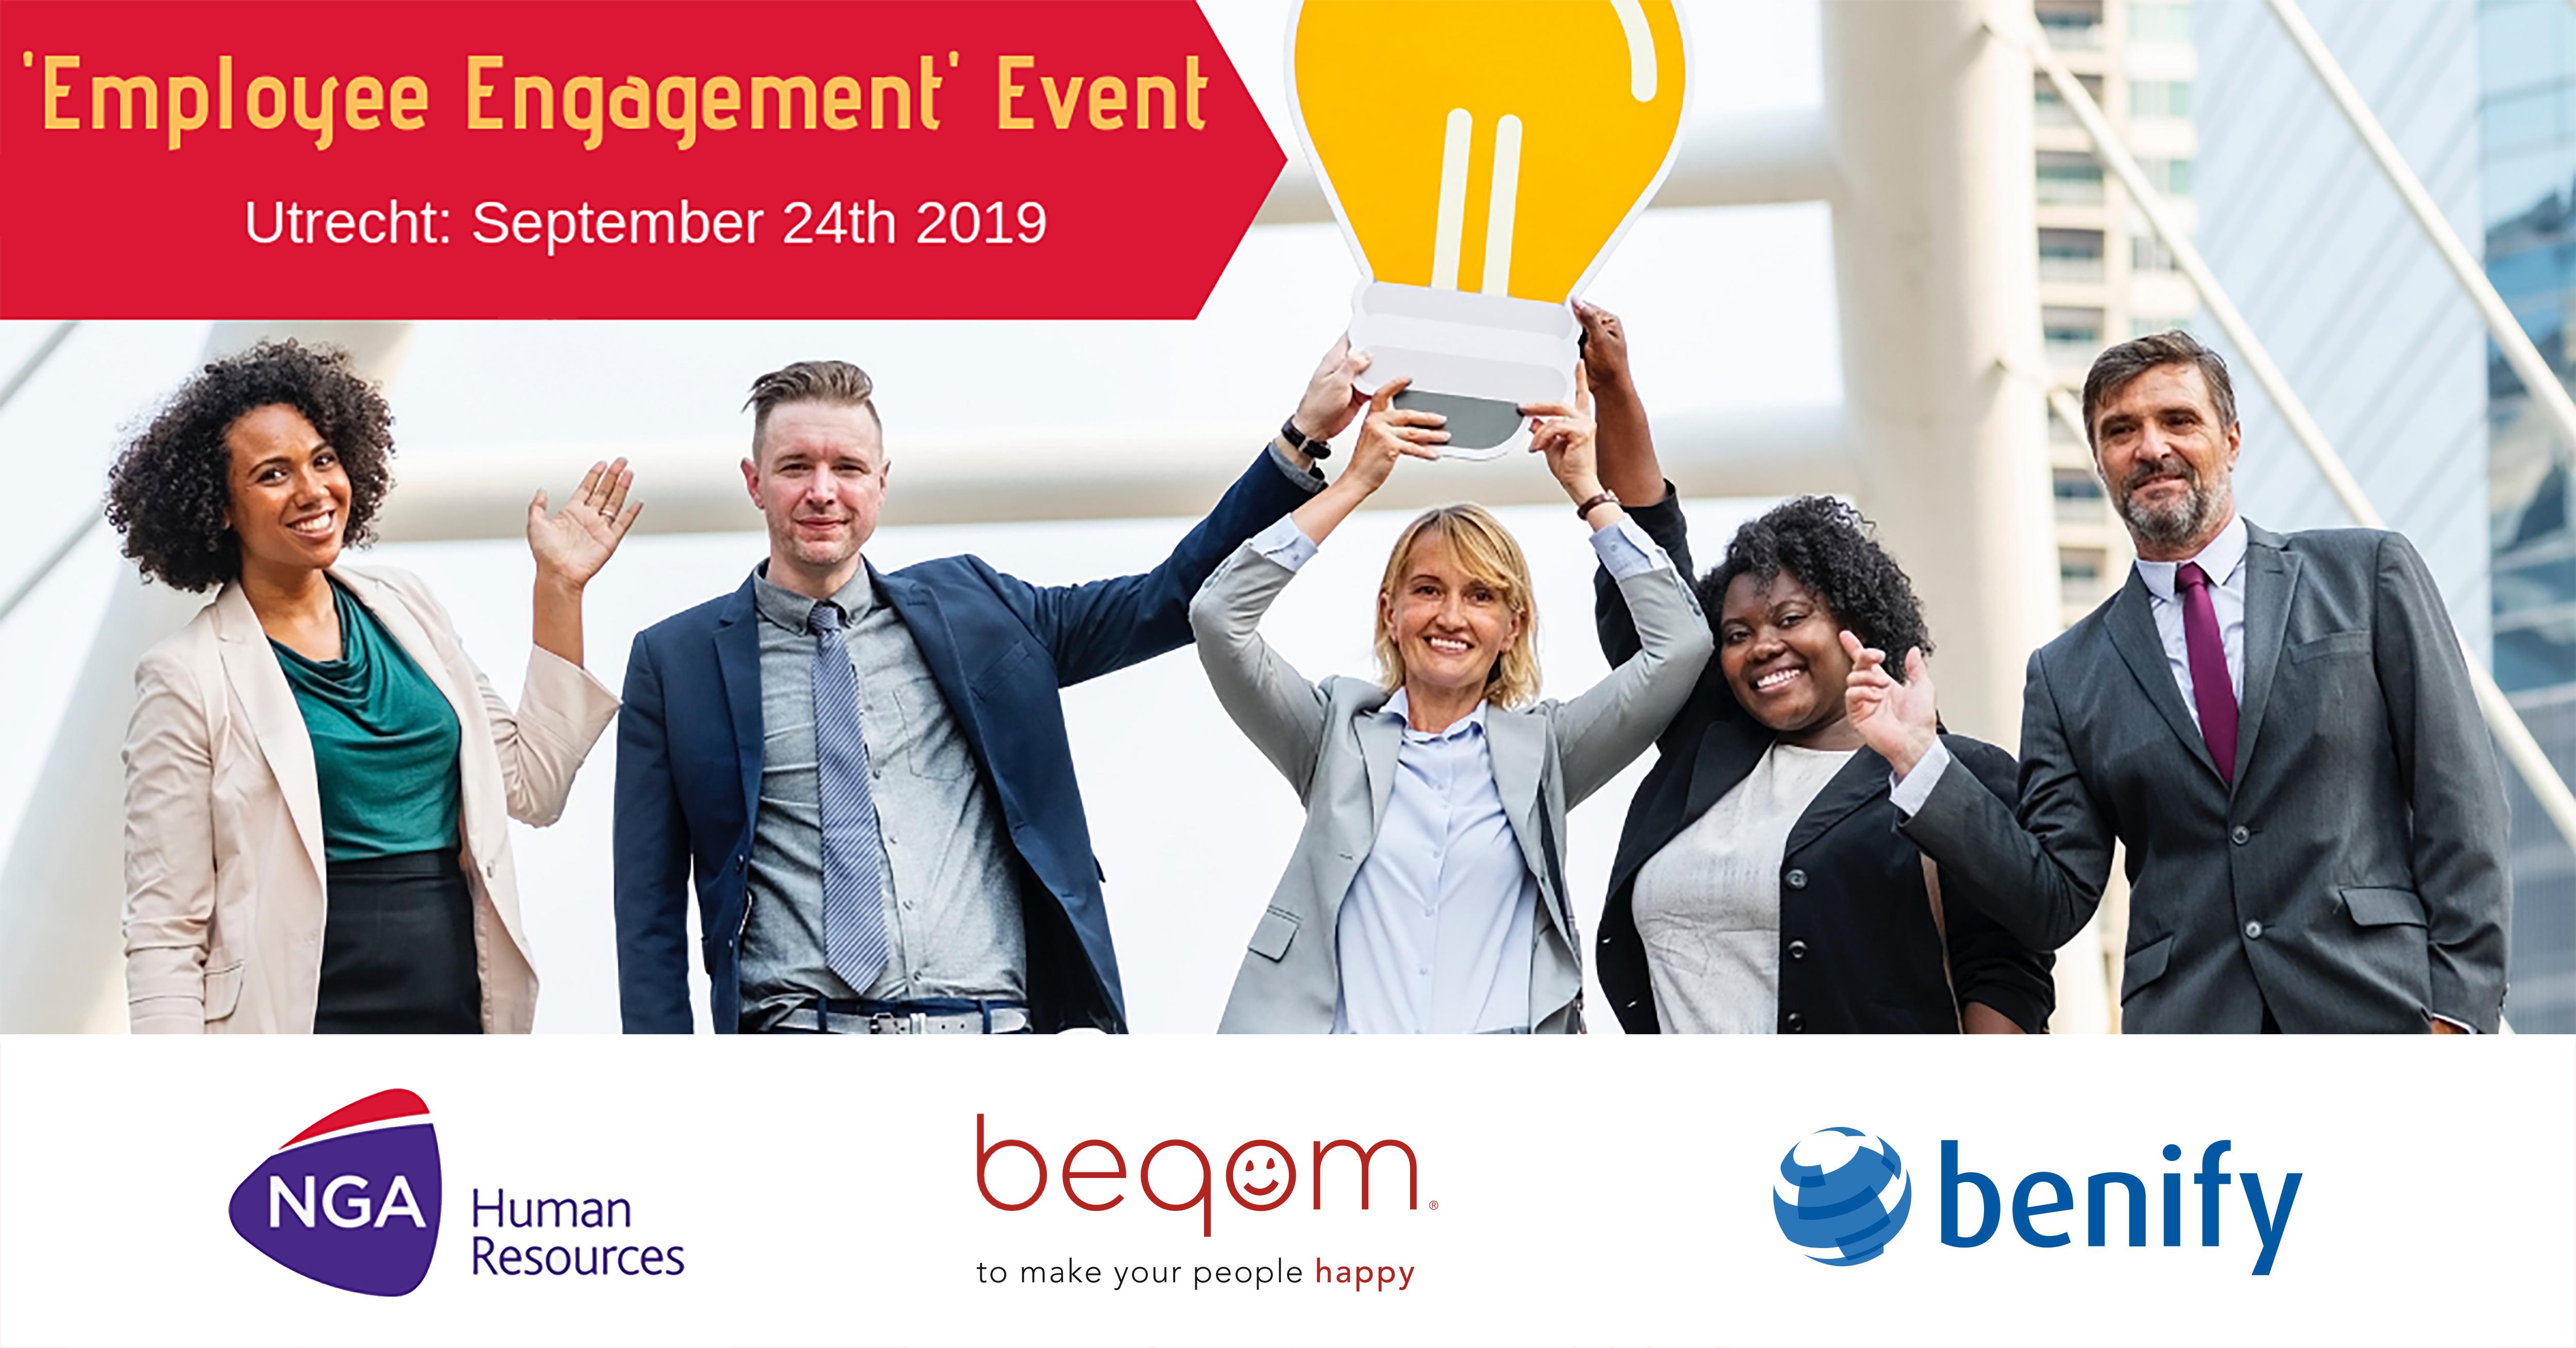 beqom-NGA-Benify Seminar Utrecht, Sept 2019